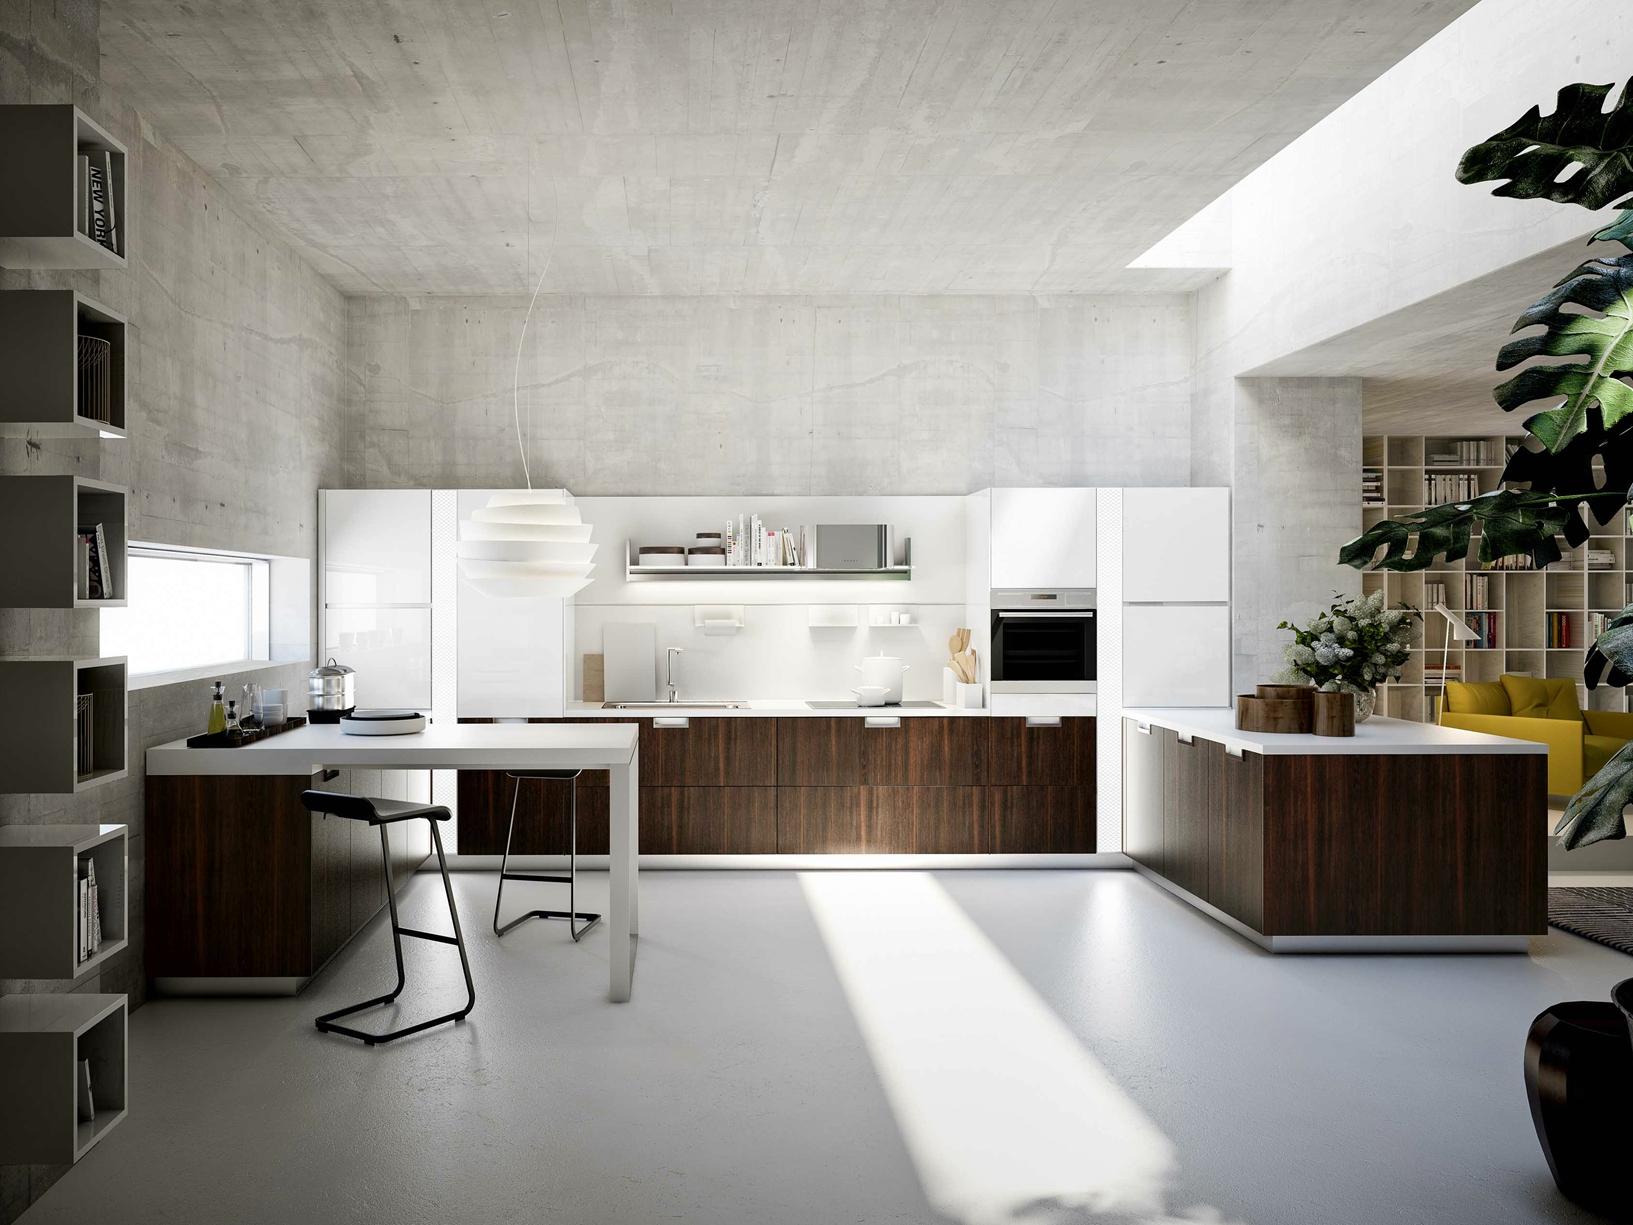 Lux la cucina di snaidero disegnata da pietro arosio for Design keukens